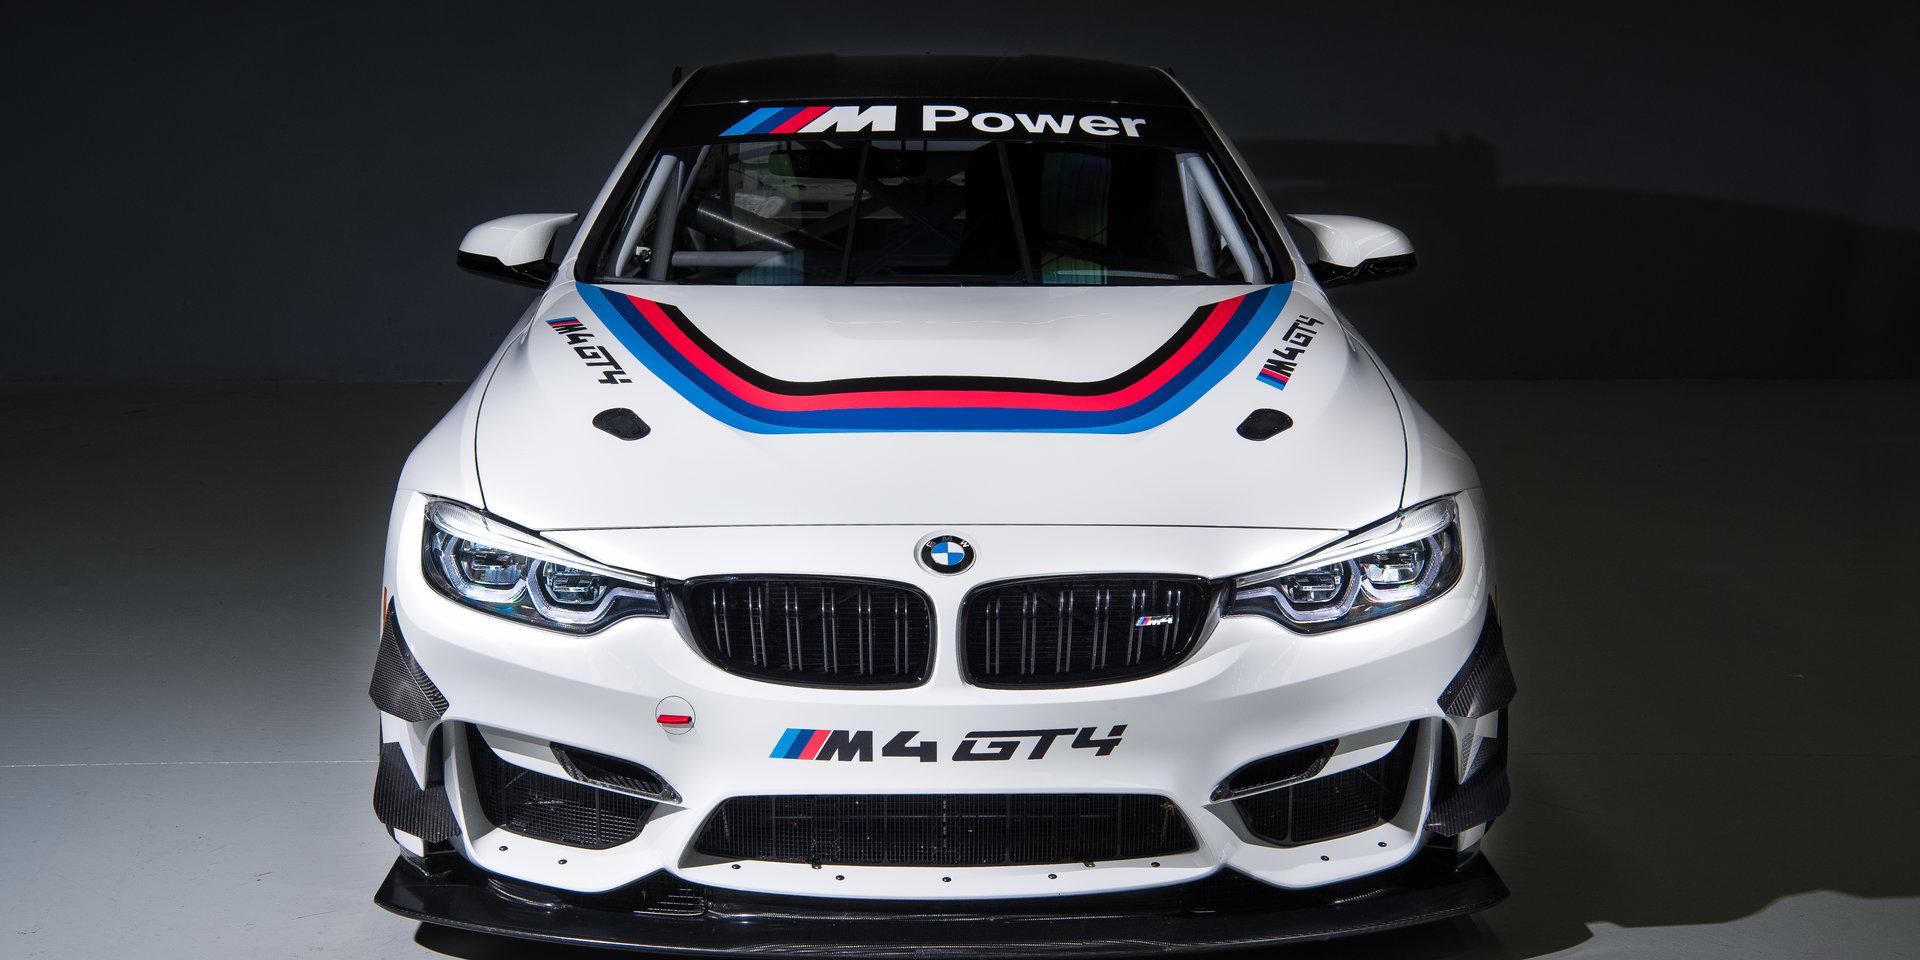 081217 BMWM4GT4 DKIMG HR028